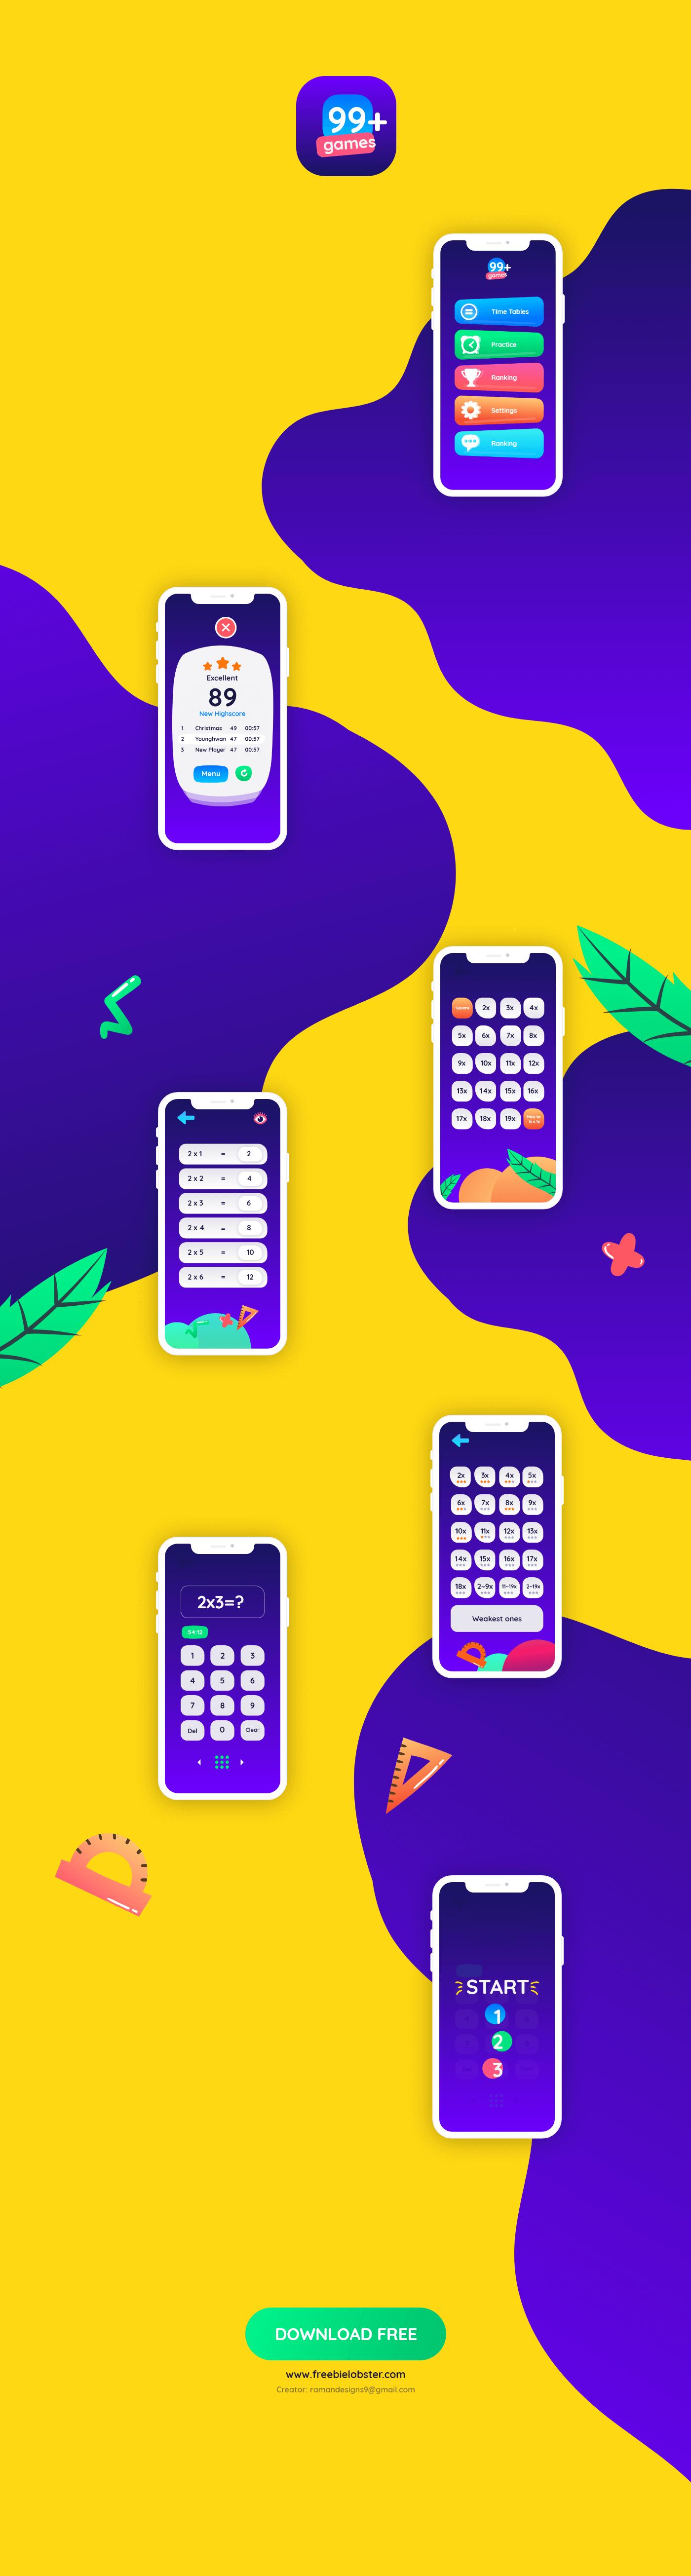 游戏app ui界面设计 .xd素材下载 界面-第1张